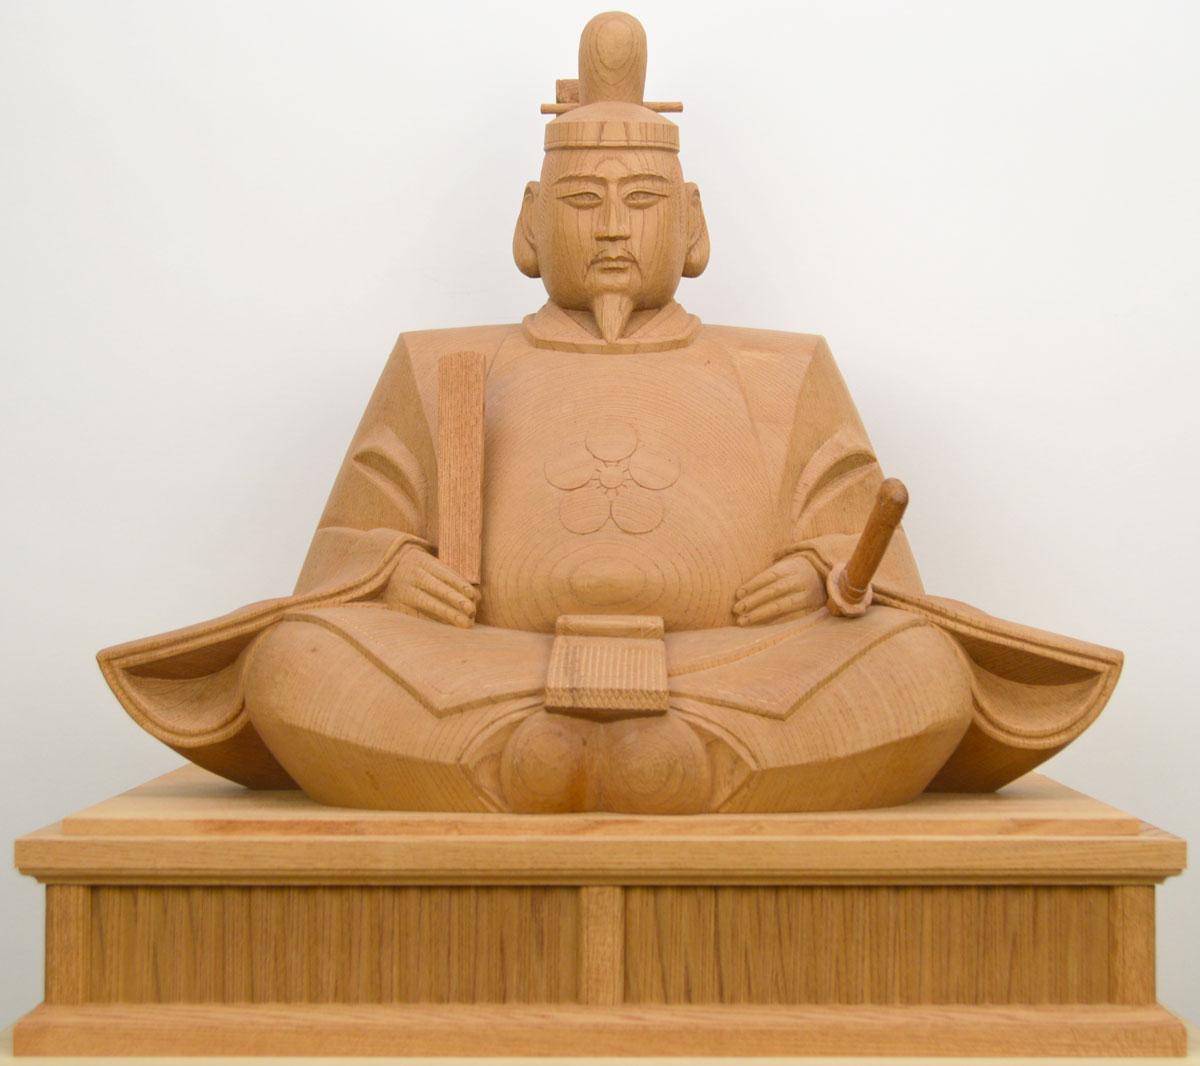 【天神様】井波彫刻『菅原道真公』一尺五寸・欅石井 米児(いしい よねじ)※お道具セット付き